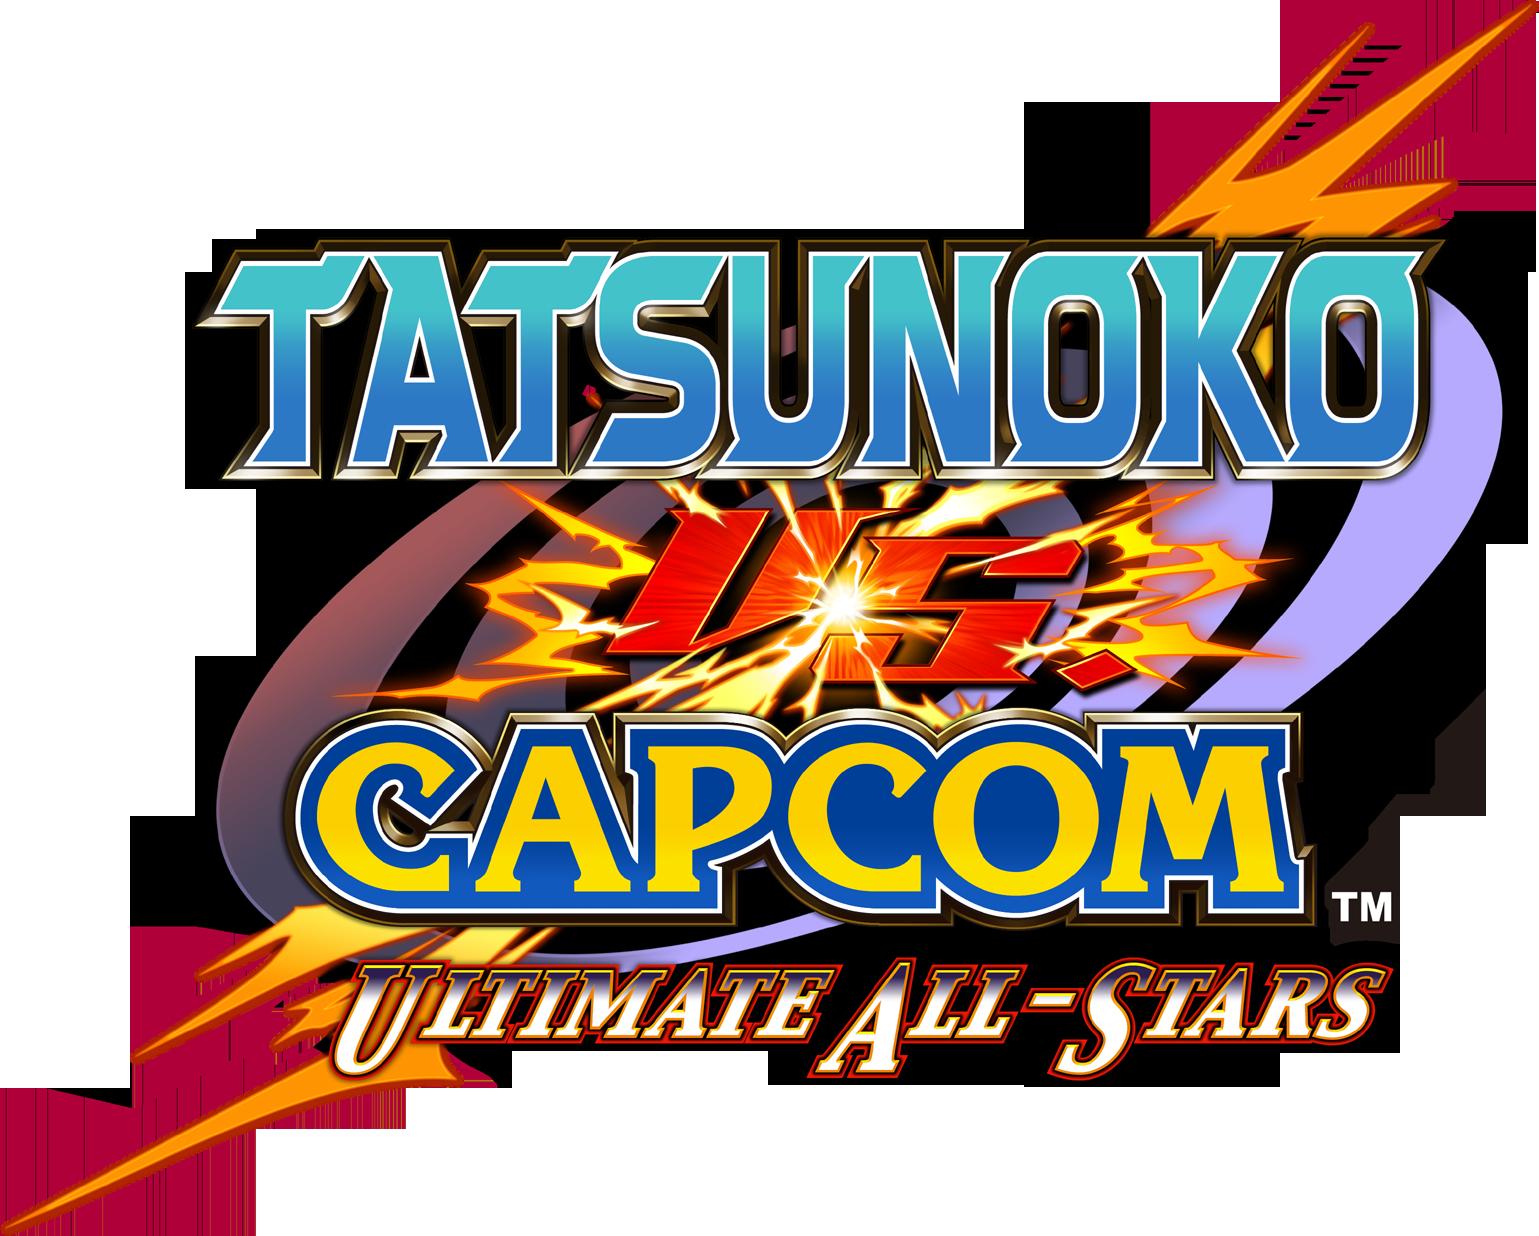 Copyright Capcom Entertainment